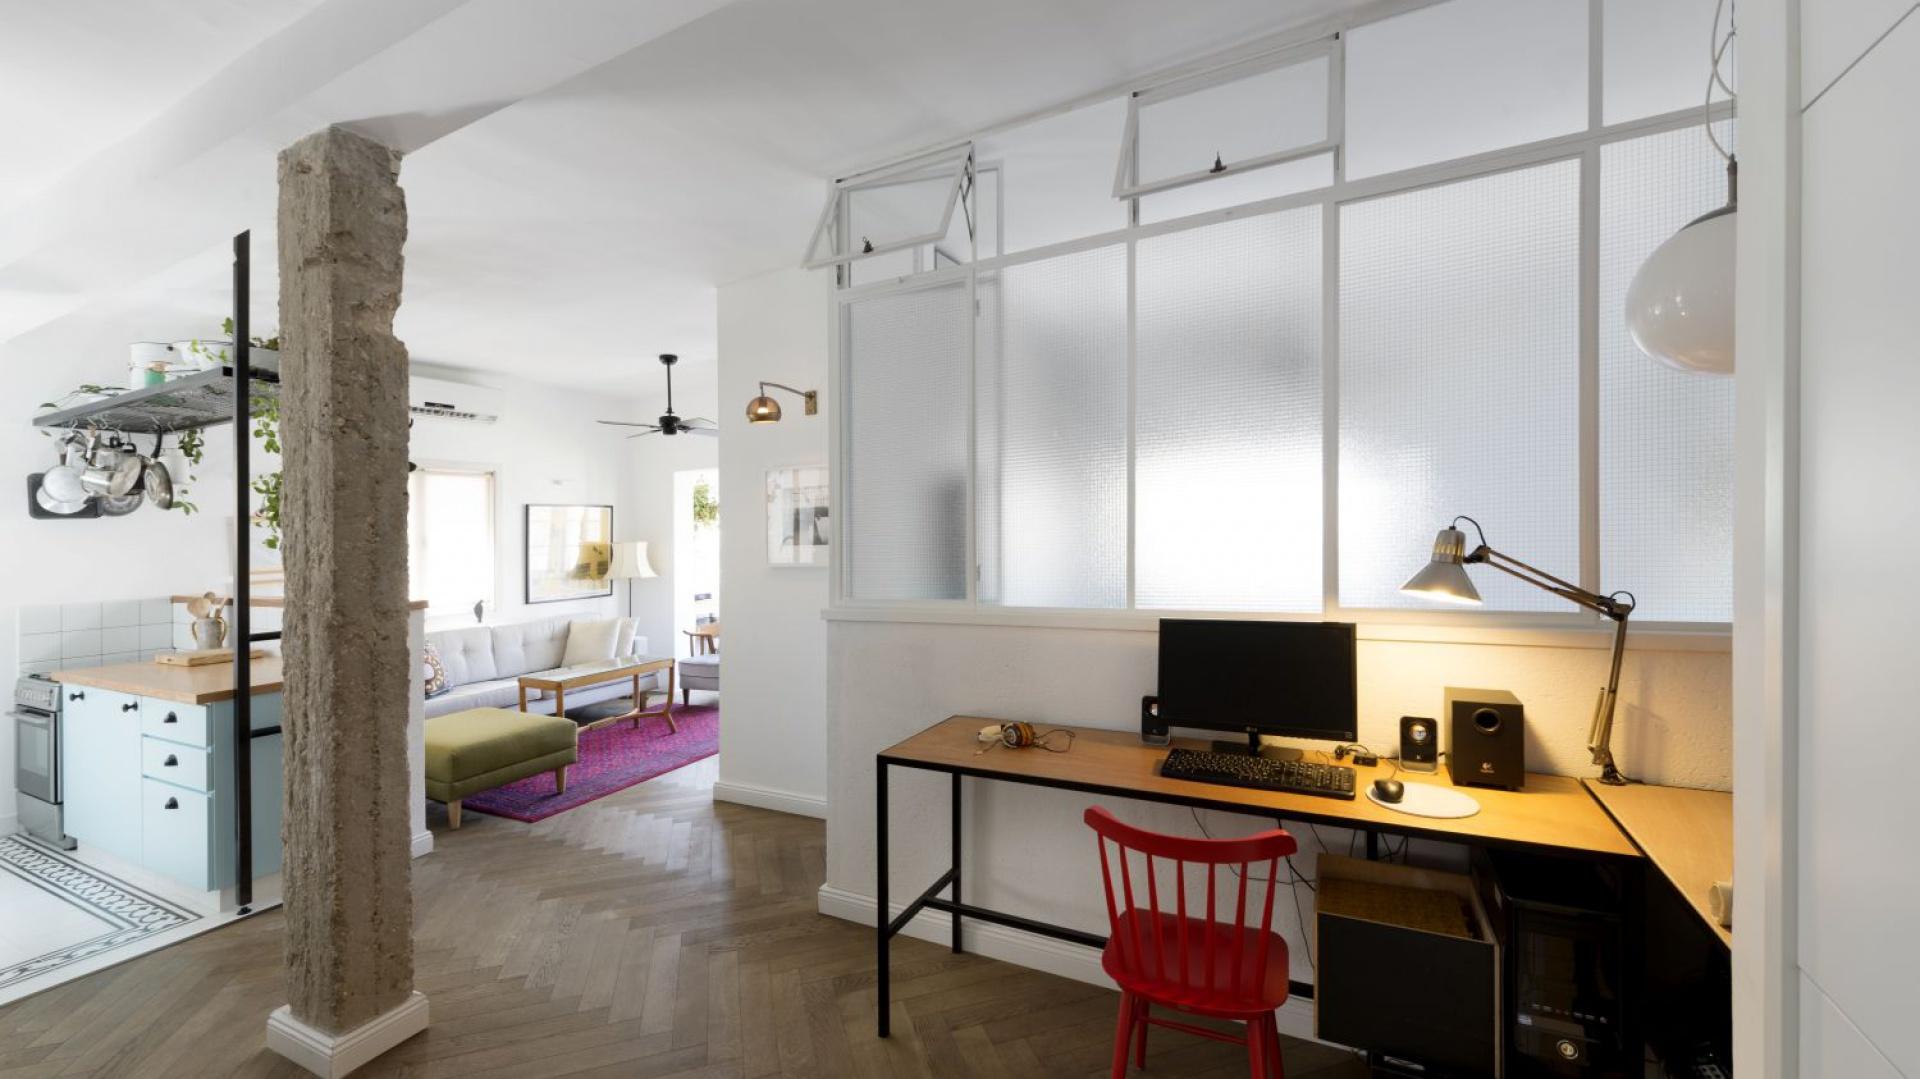 Delikatnie industrialny klimat we wnętrzu buduje nie tylko czarna, metalowa półka w otwartej strefie dziennej, ale również konstrukcyjna kolumna z betonu - jedyna pozostałość po oryginalnym układzie mieszkania. Projekt: Studio Raanan Stern. Fot. Gidon Levin.